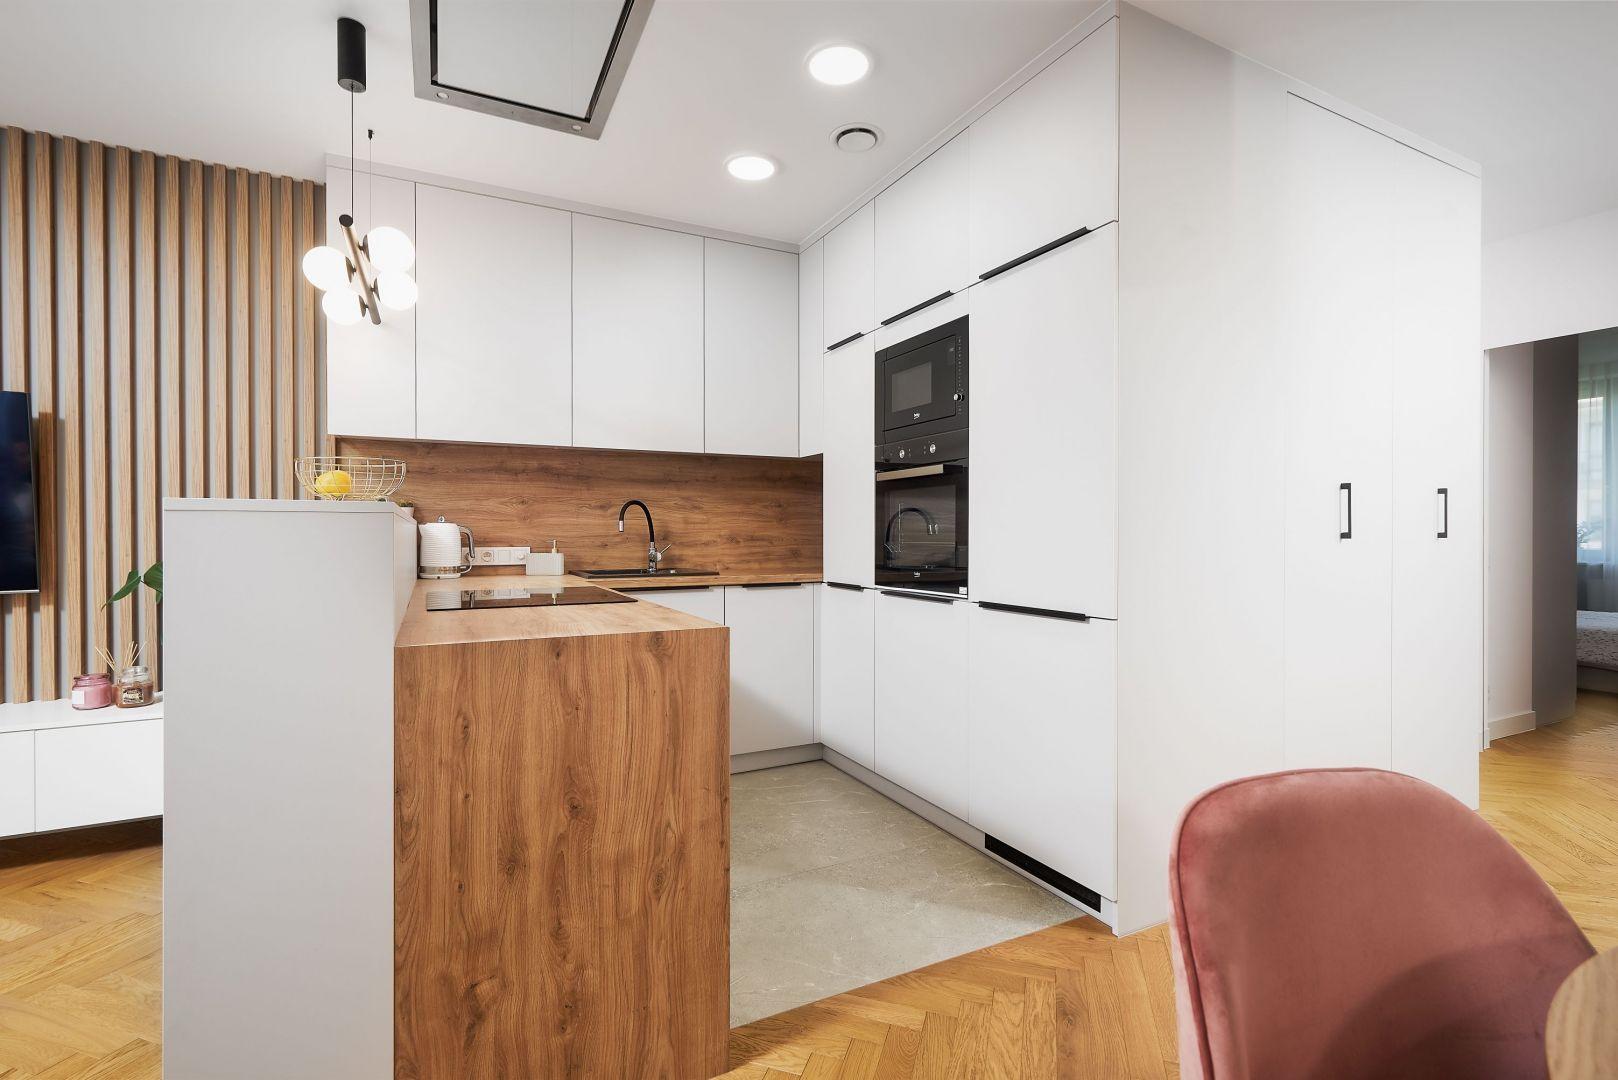 Aranżację małej kuchni oparto o kolor biały i drewno, która ją doskonale ociepla. Projekt: Kornelia Knapik Ziemnicka, Kora Design. Fot. Marek Królikowski